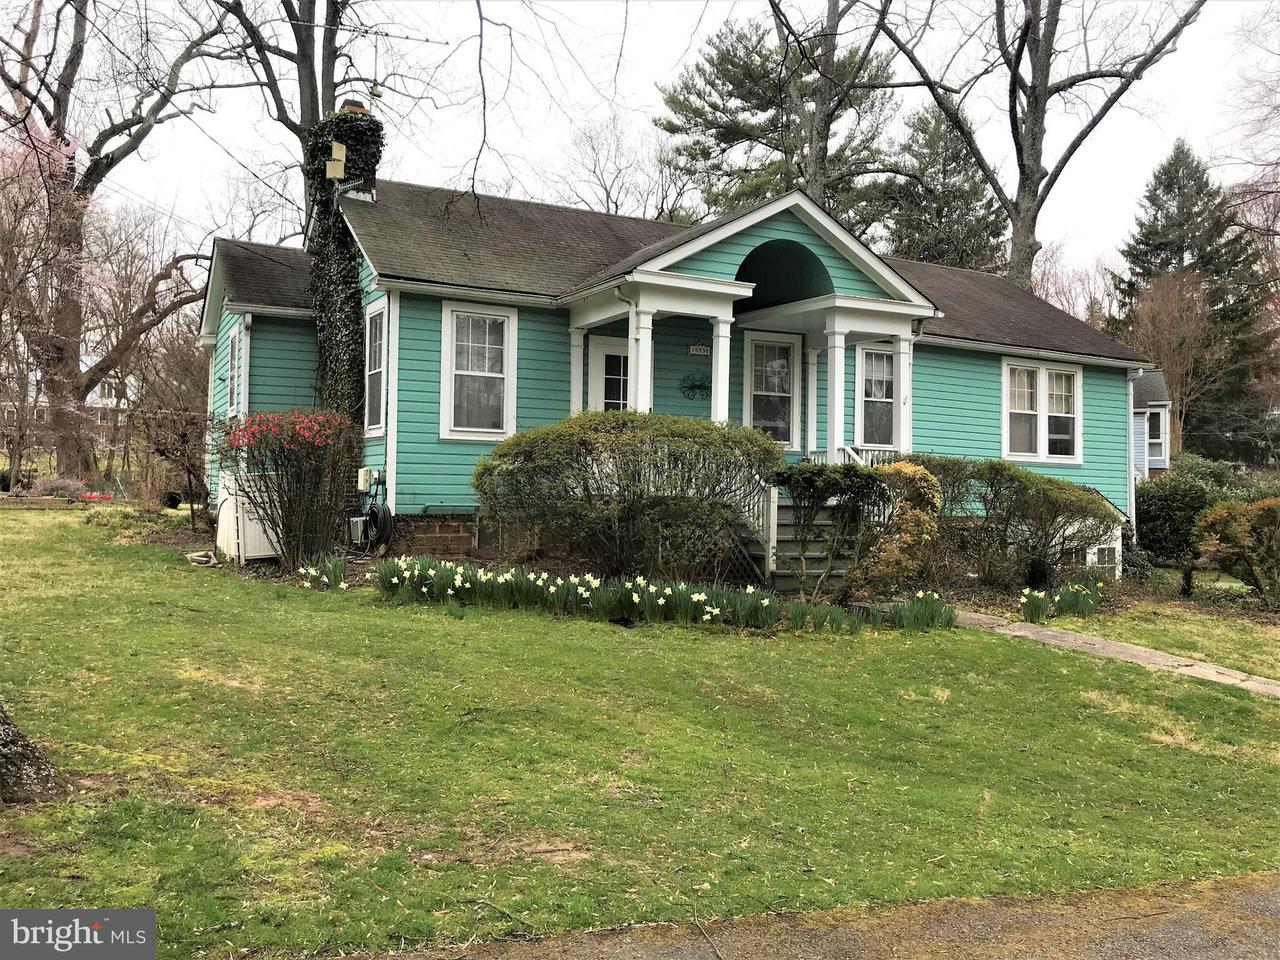 一戸建て のために 売買 アット 10930 Clermont Avenue 10930 Clermont Avenue Garrett Park, メリーランド 20896 アメリカ合衆国